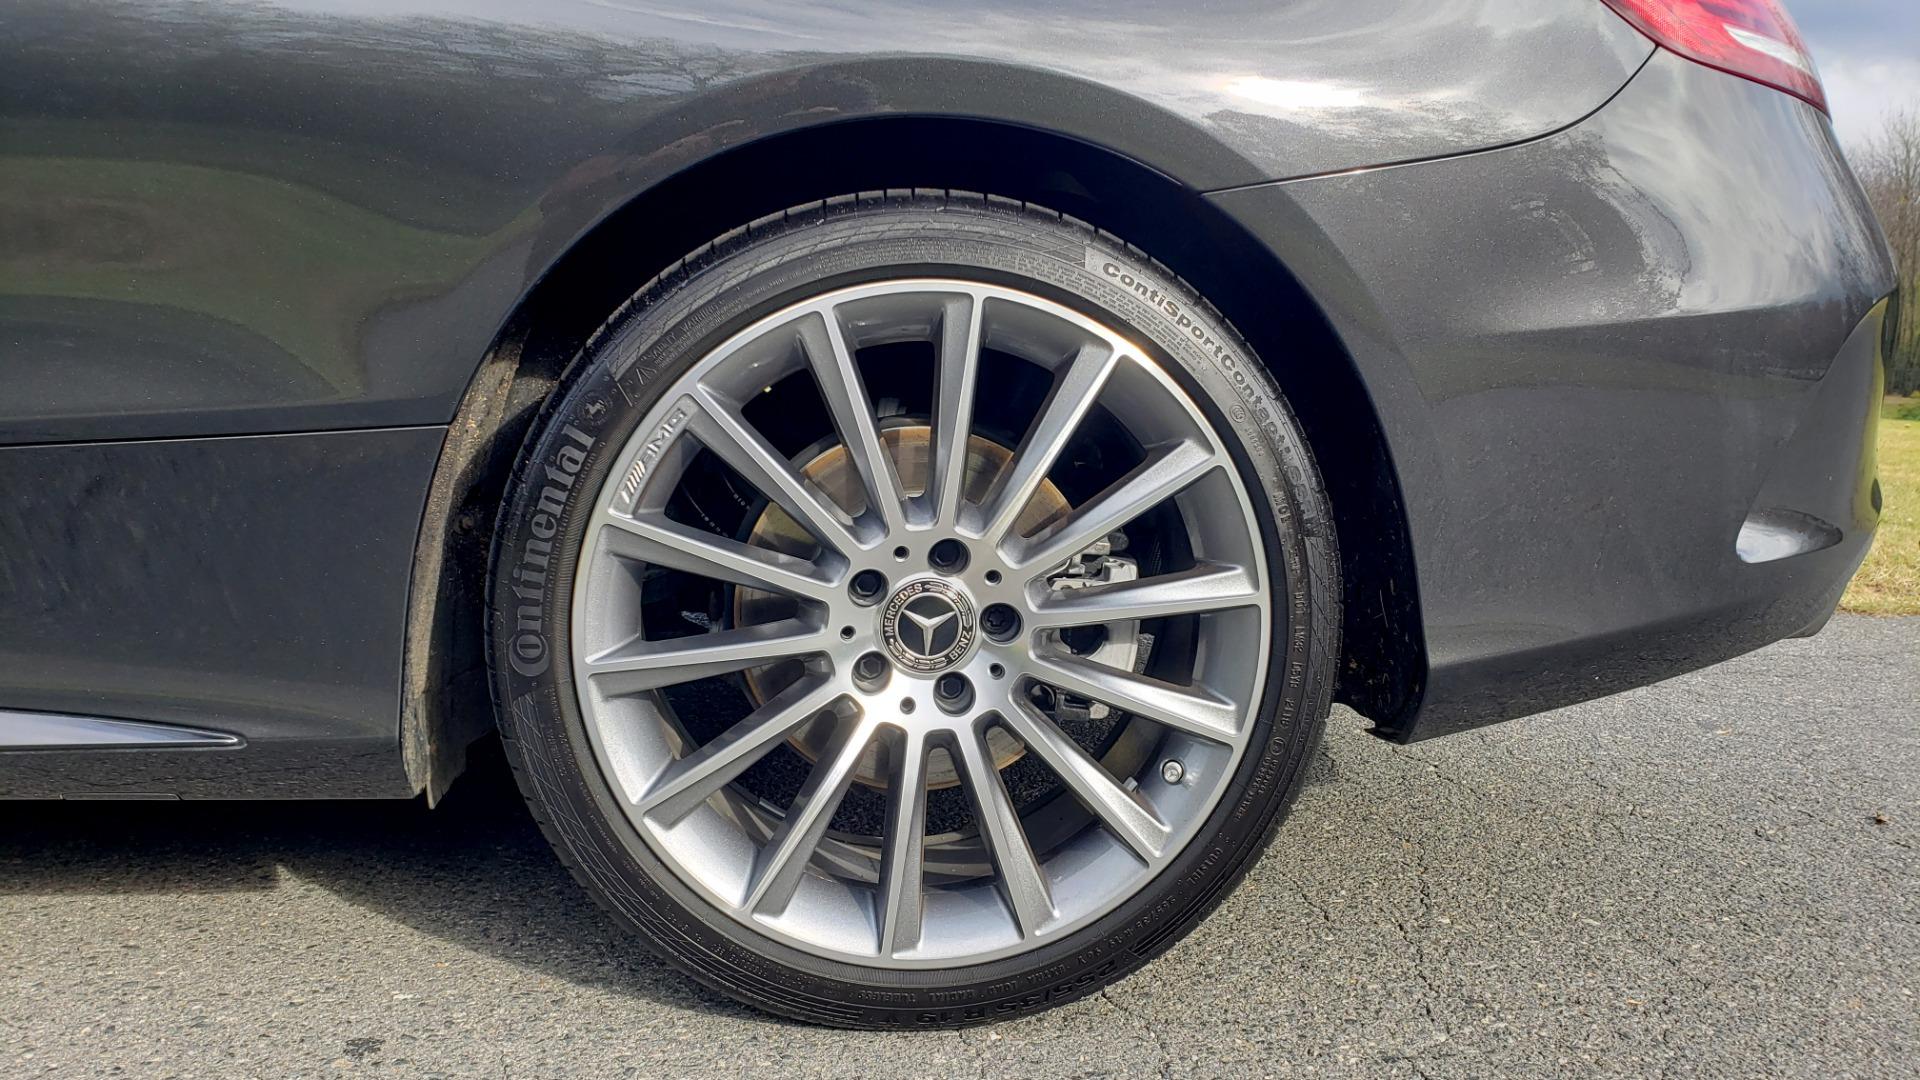 Used 2019 Mercedes-Benz C-CLASS C 300 CABRIOLET / PREM PKG / NAV / BURMESTER / MULTIMEDIA for sale $49,995 at Formula Imports in Charlotte NC 28227 85